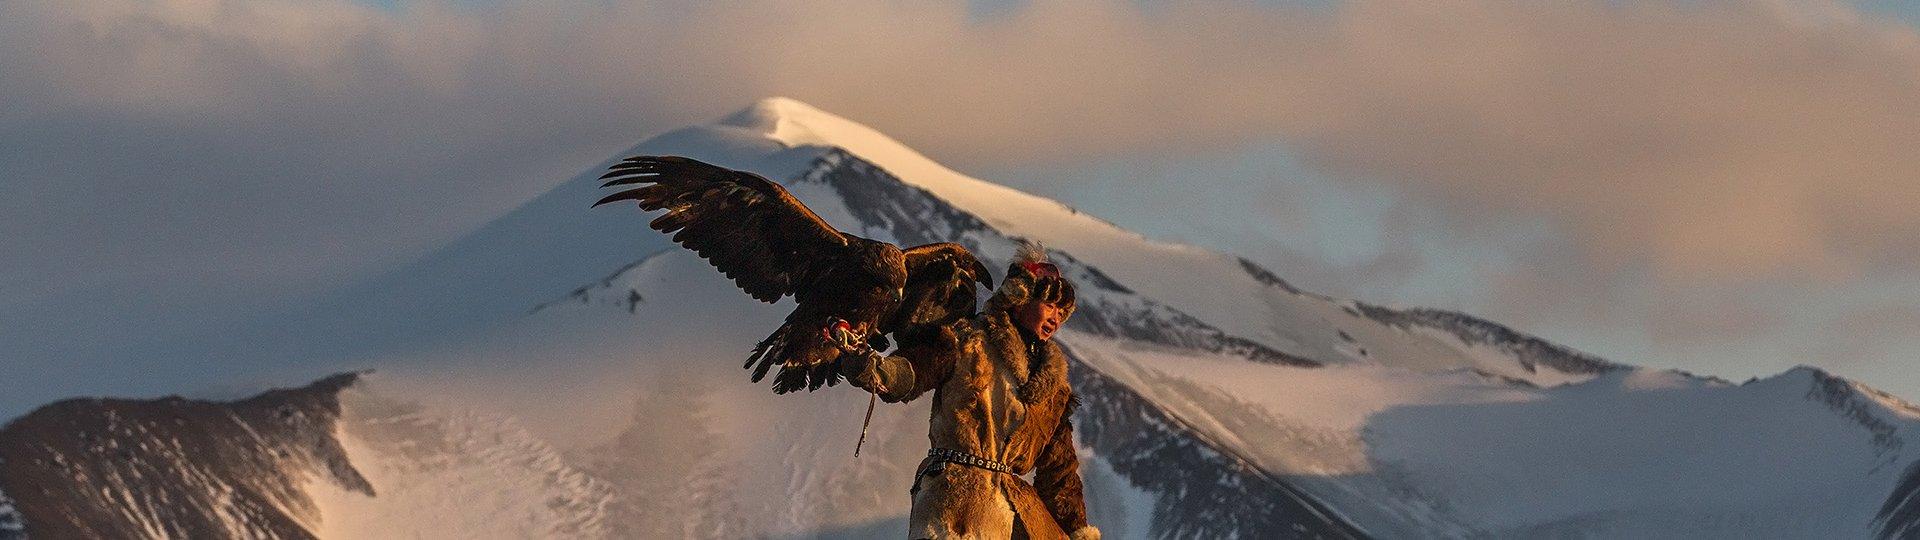 מונגוליה - Wild Travel